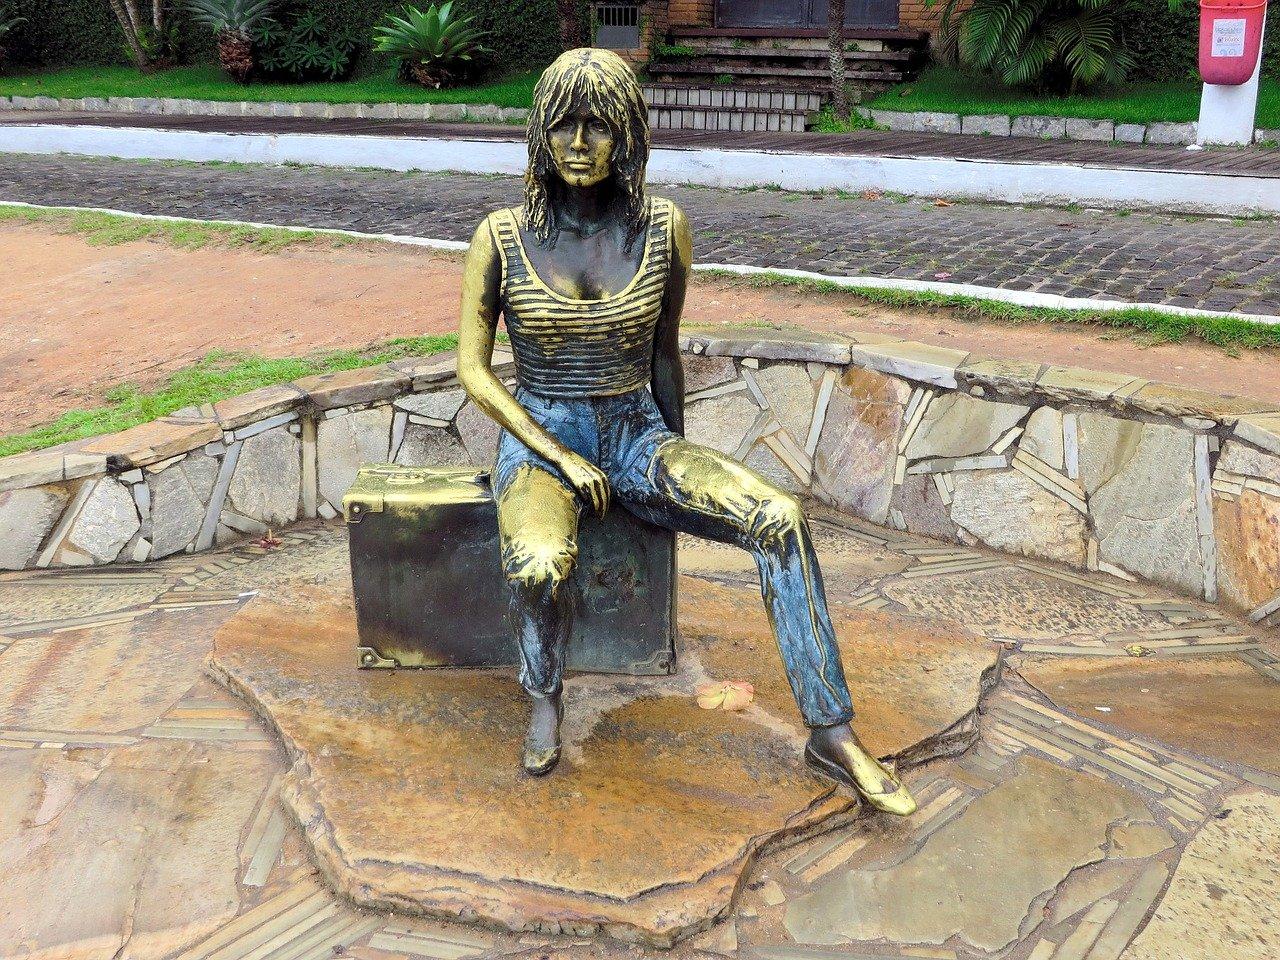 buzios-brigitte-bardot-estatua